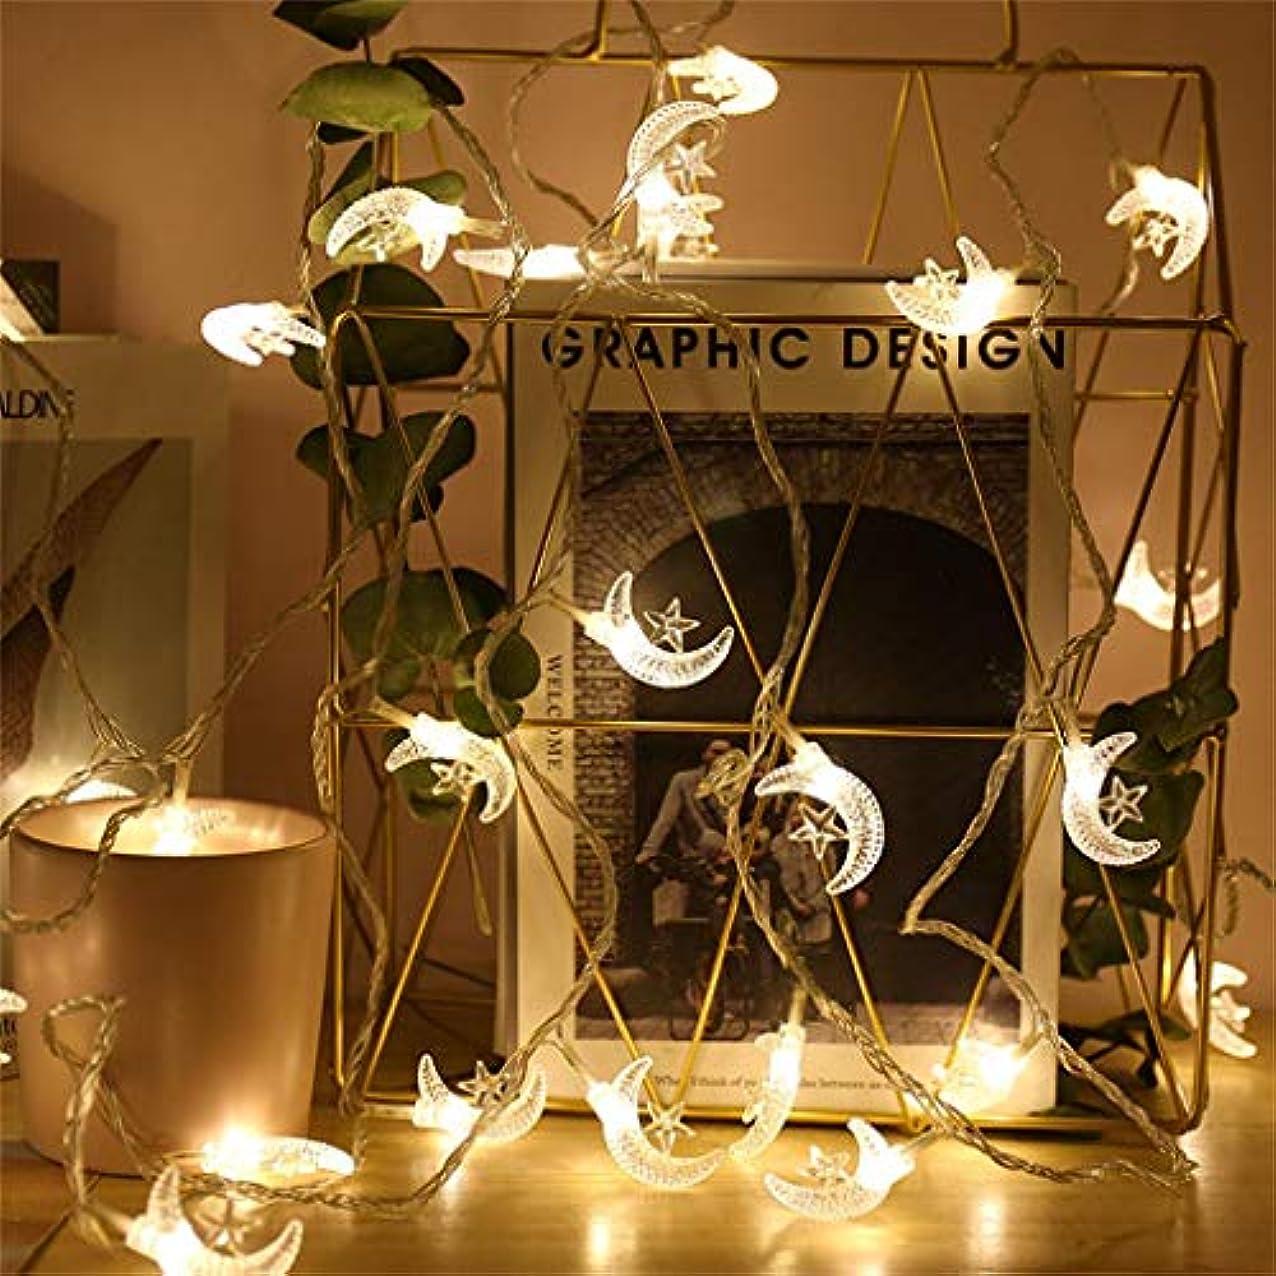 ハッピー投げる後ライトストリングデコレーション 光の弦 10/20/30/40LEDハンギングツリーランタンホリデーライトの装飾照明を導きました(葉っぱ 月 オイルランプ バラのつる) 単三電池 暖かい白 フェアリーライト 祭りのために クリスマス ハロウィン 祝日の光 寝室 (ムーン40)